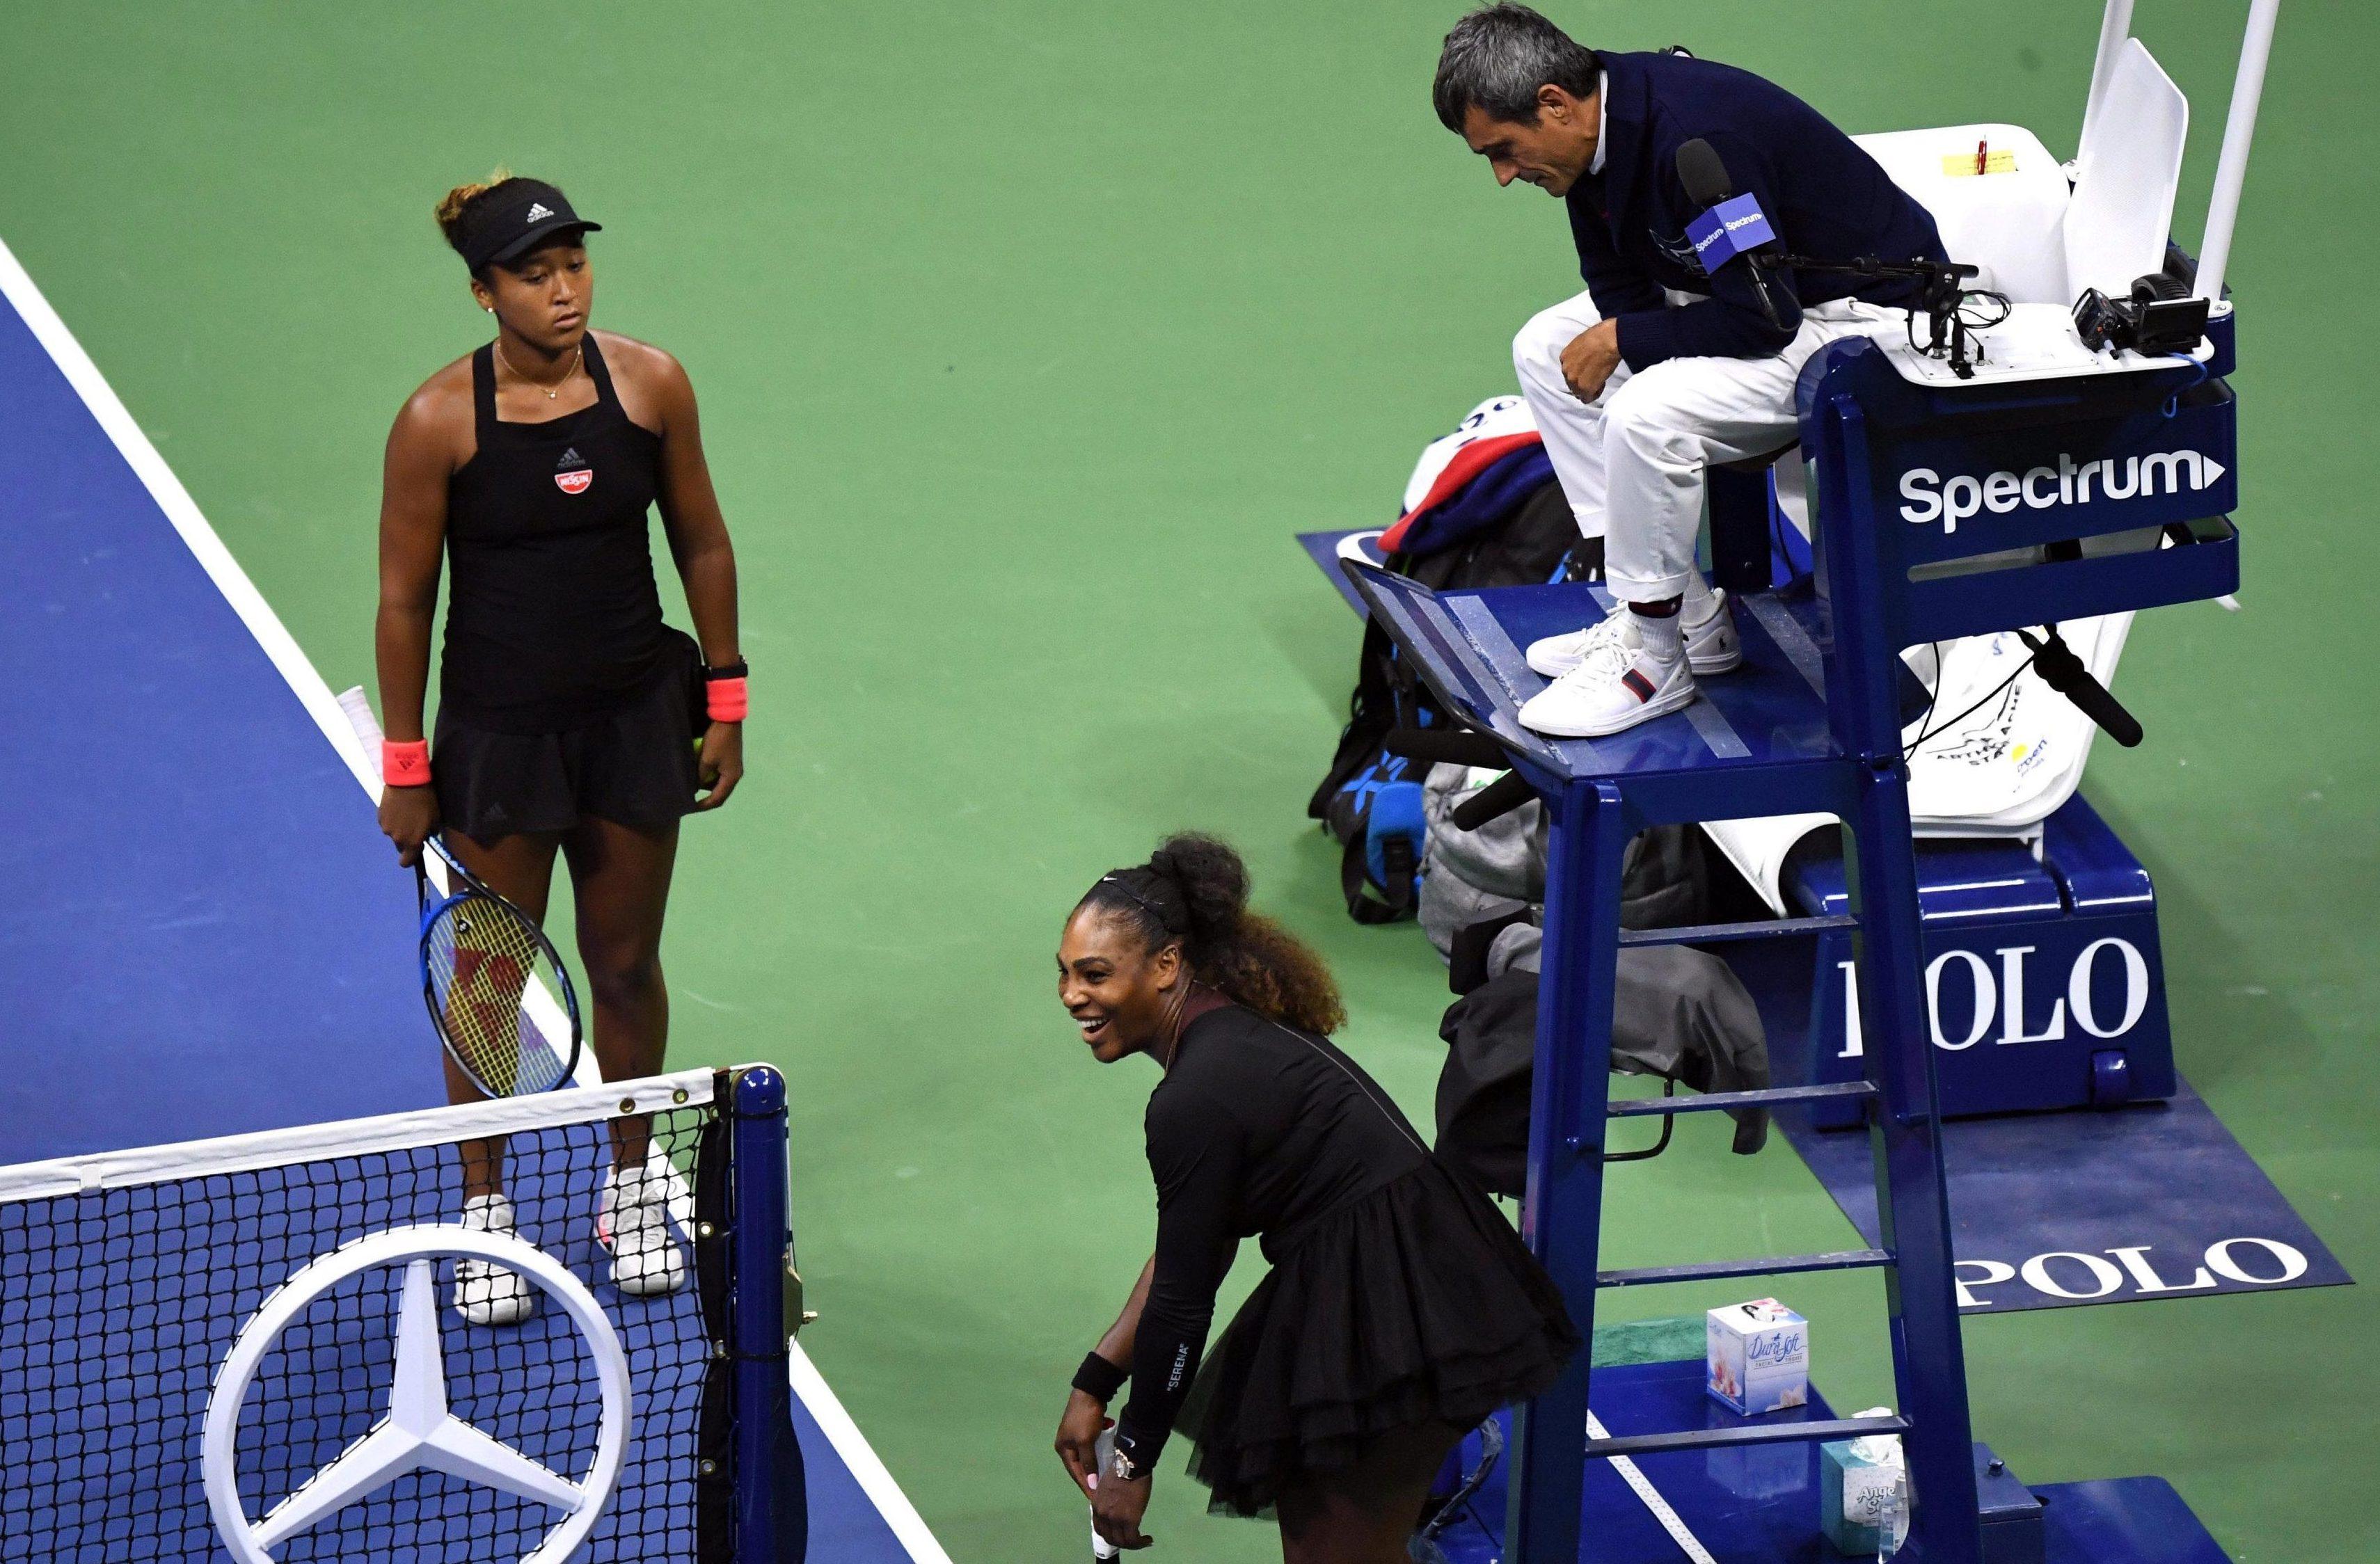 Eventual winner Naomi Osaka looks on stunned at Serena Williams' dispute